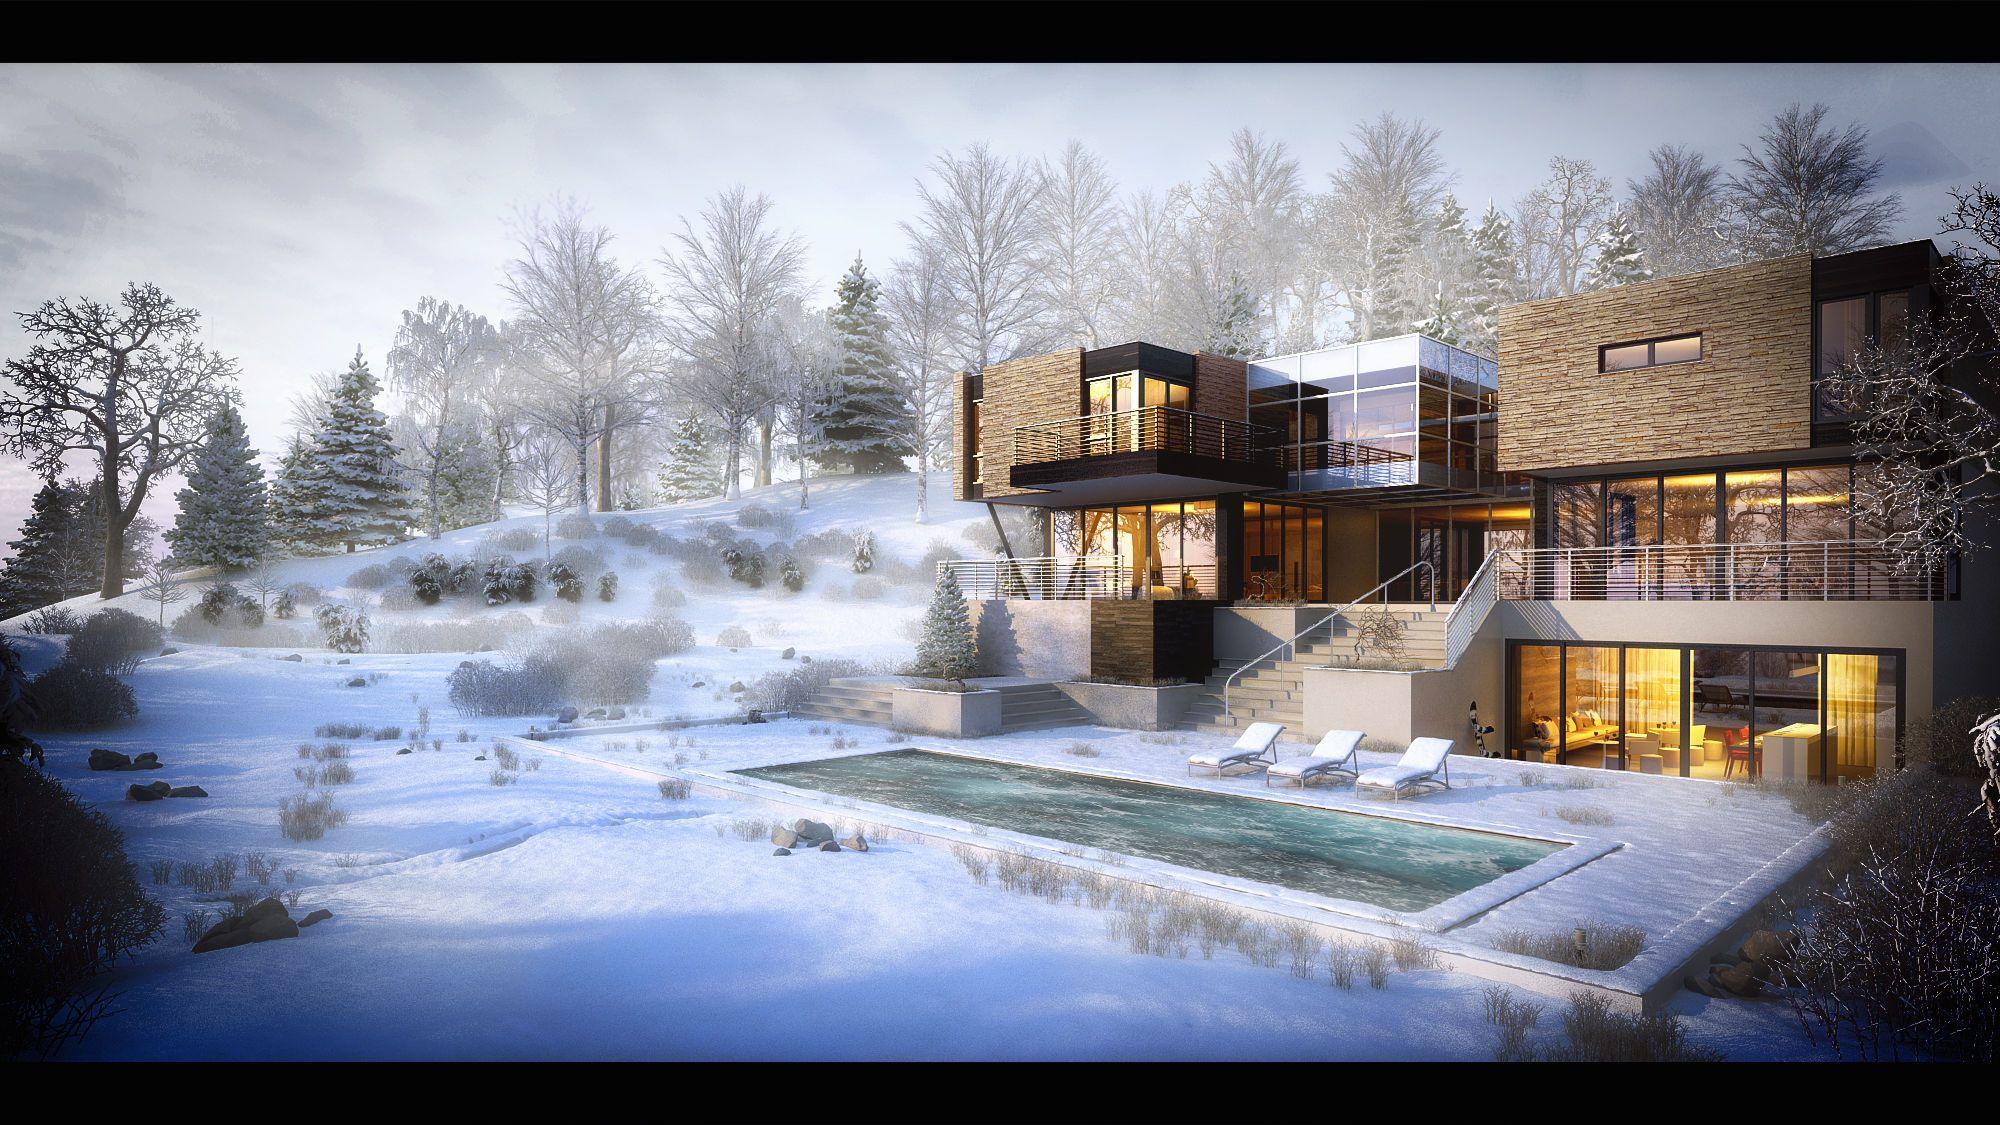 зимний пейзаж с виллой фото сделать маленький деревянный